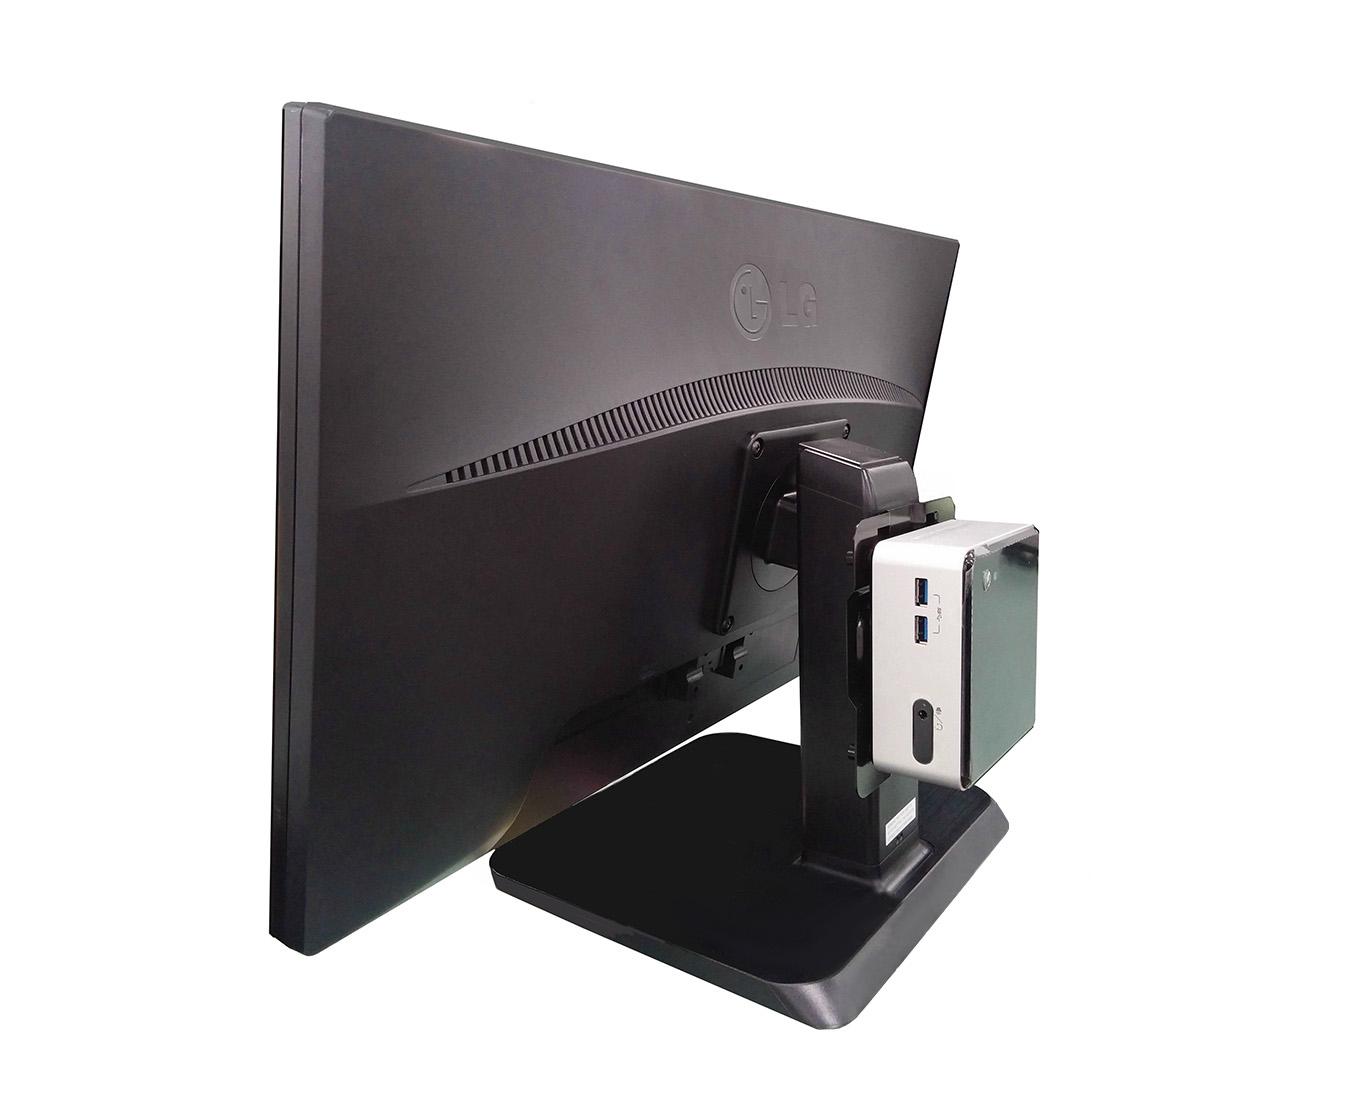 Lg Wah Lg Mini Pc Bracket Mpcbr01 Aeu Bracket Monitors